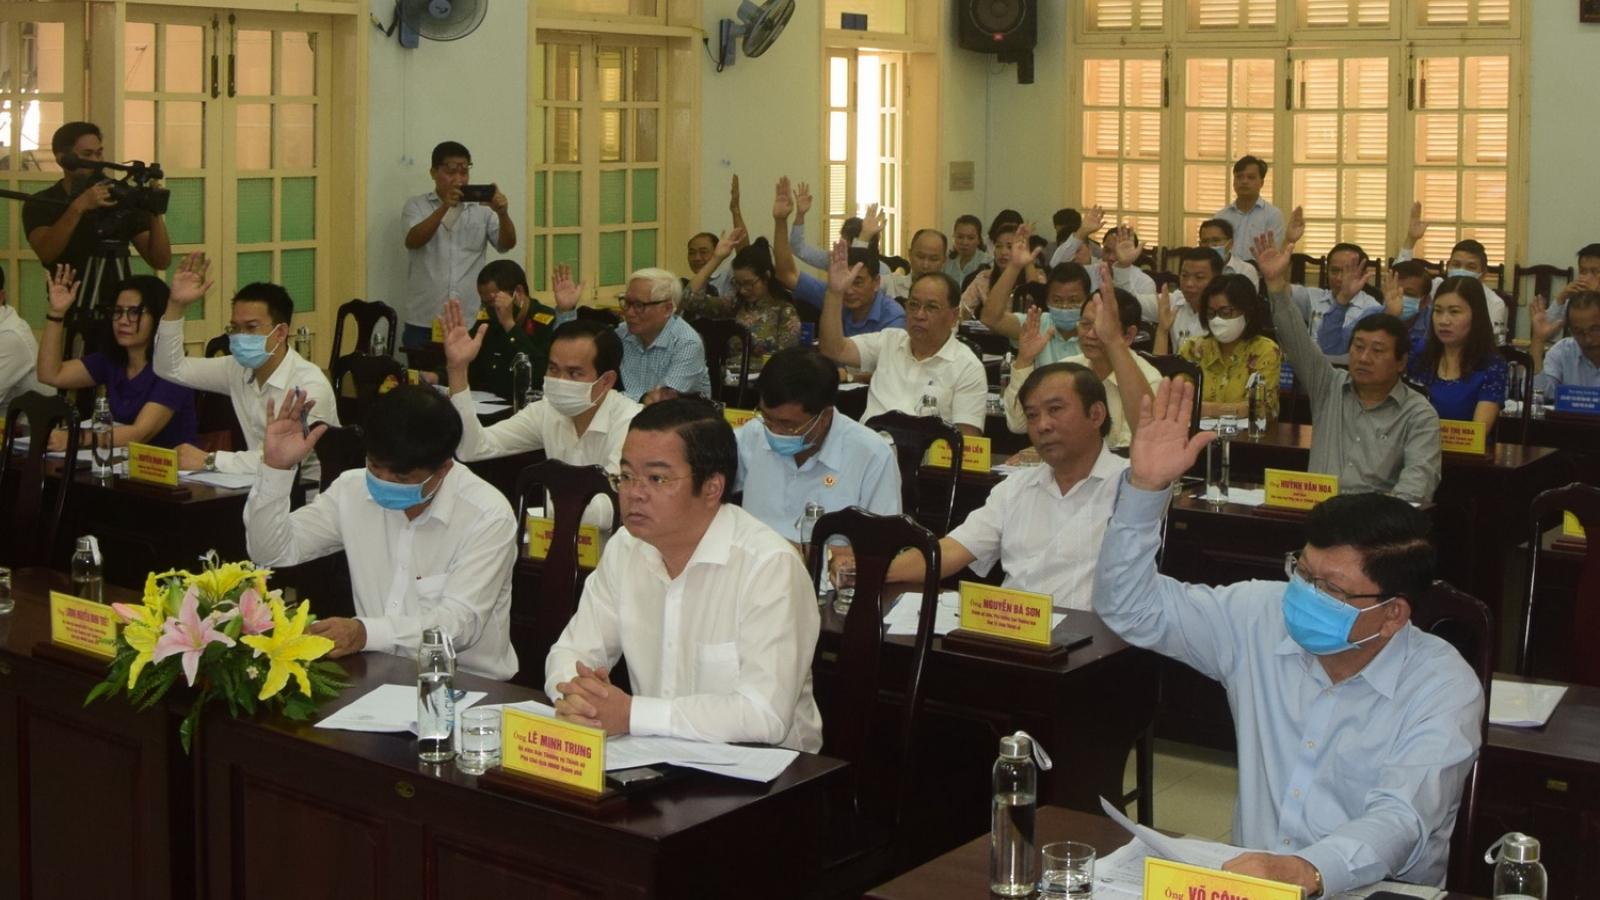 UBND huyện Hoàng Sa giới thiệu 2 người ứng Đại biểu HĐND thành phố Đà Nẵng